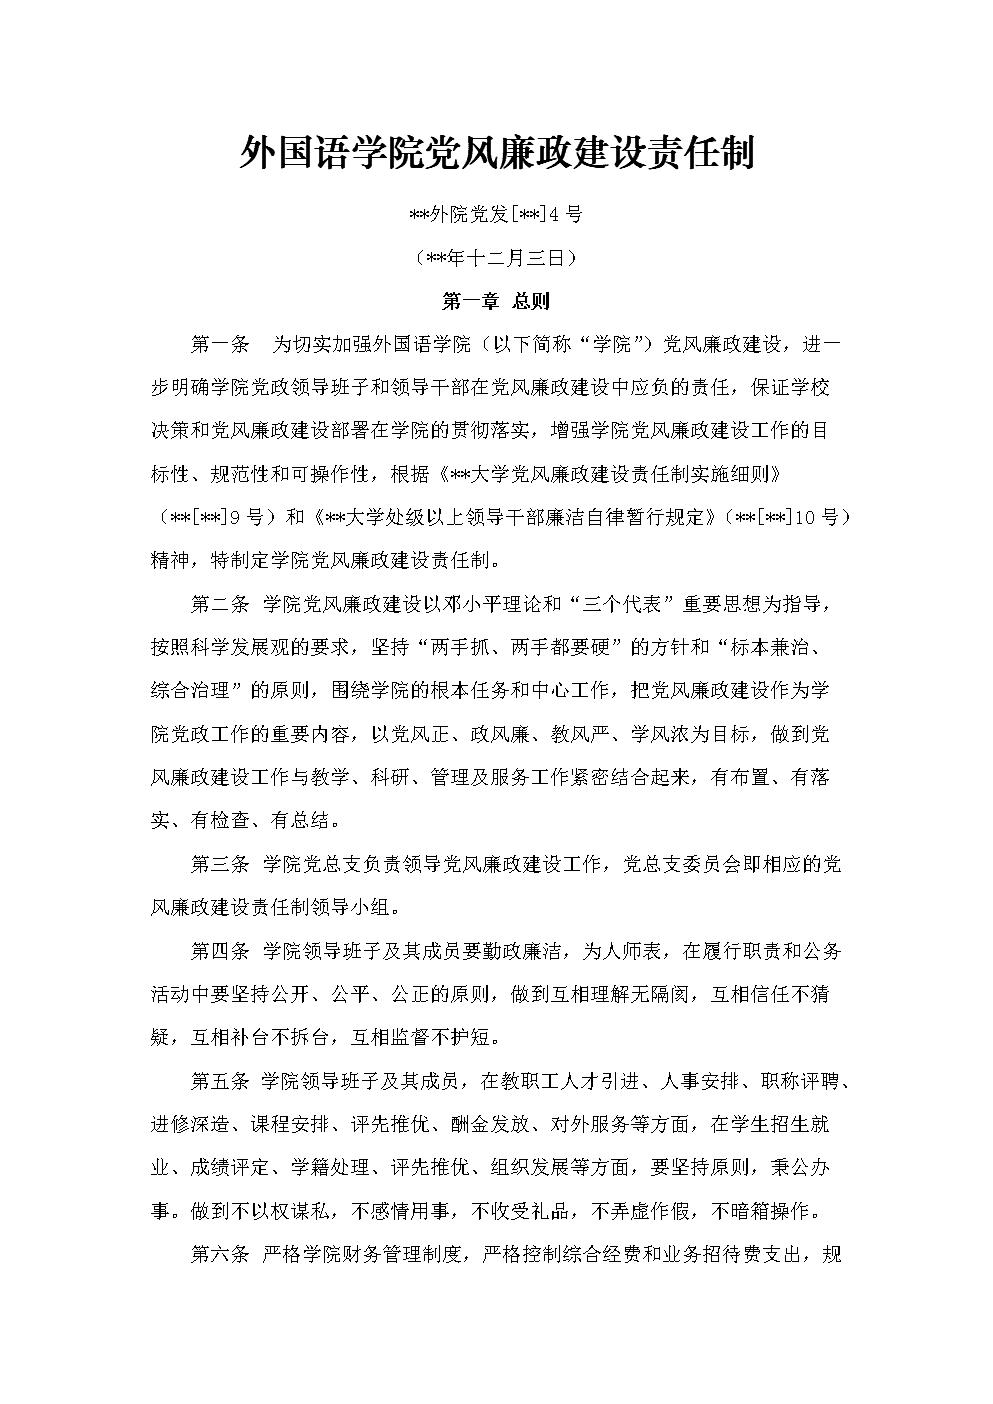 外国语学院党风廉政建设责任制模版.docx